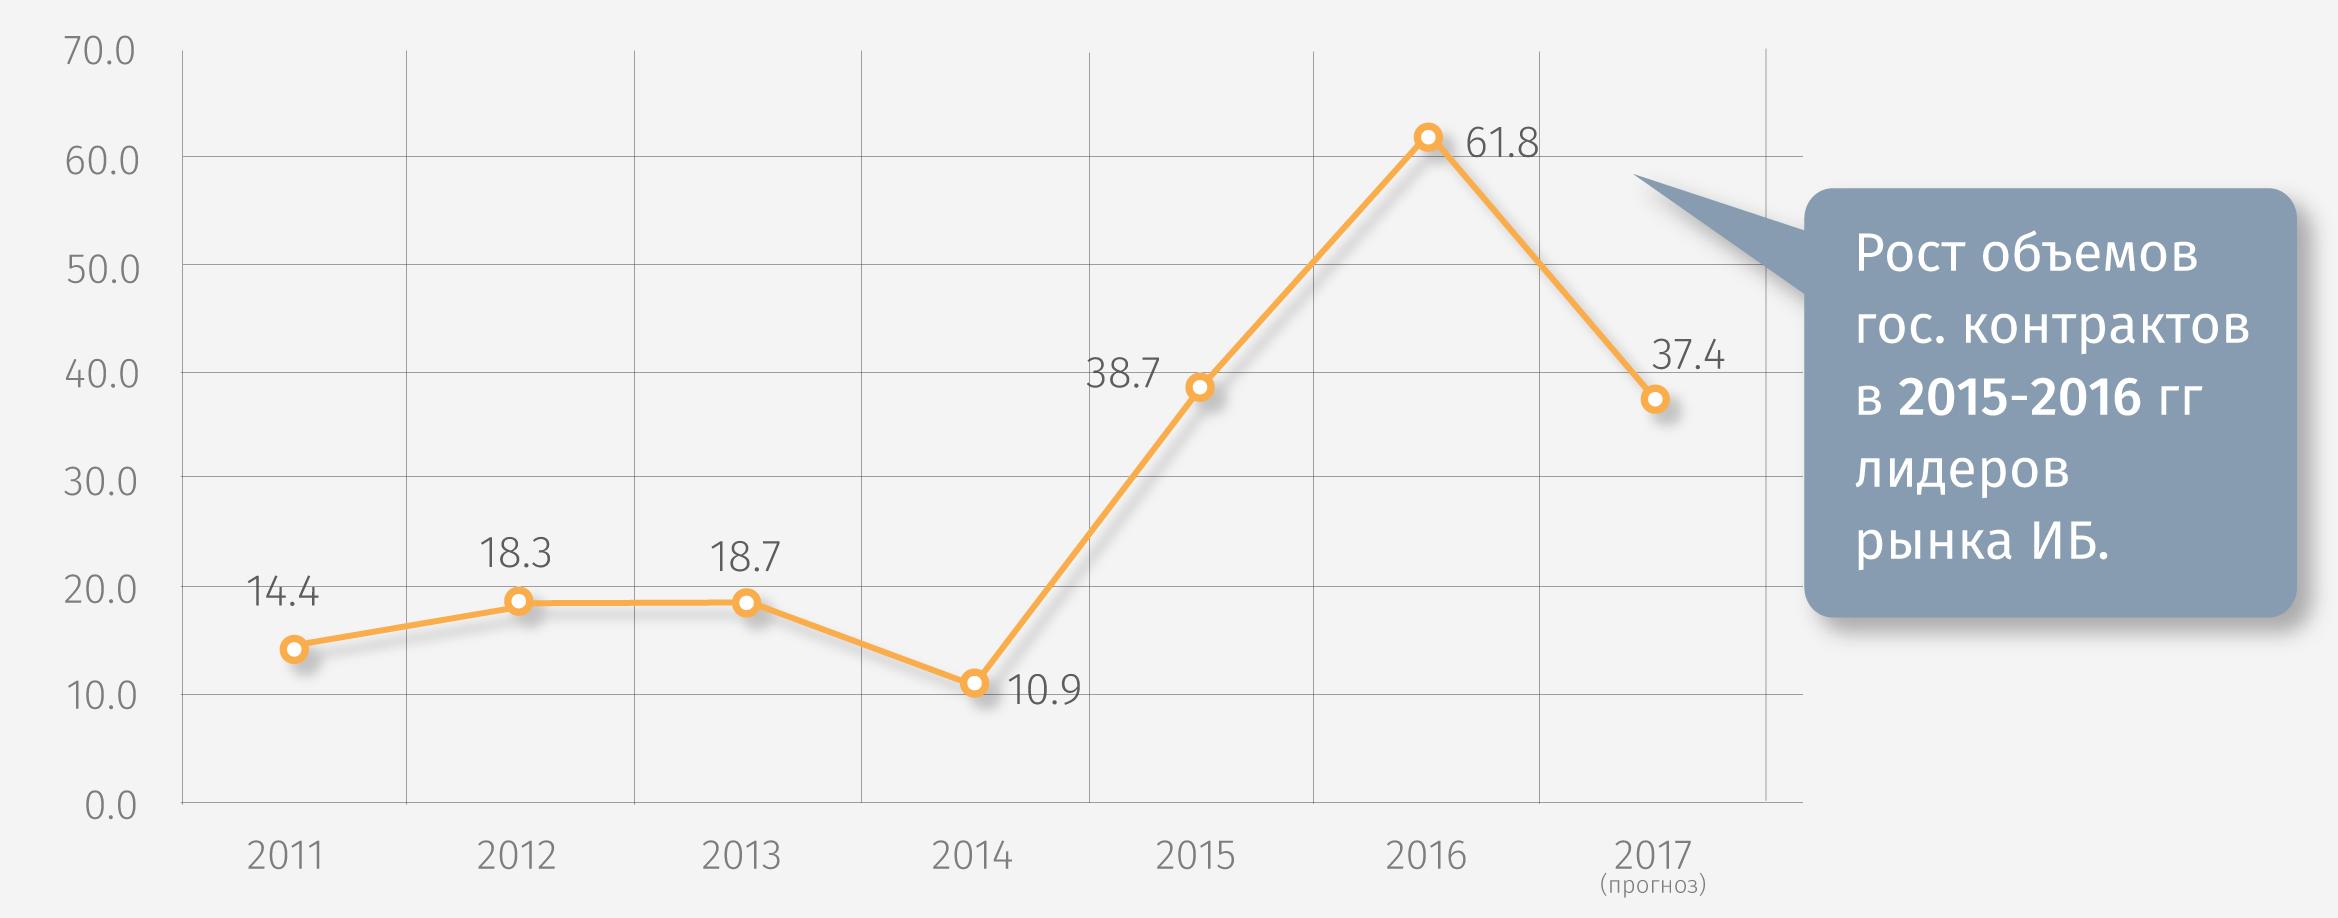 рост объемов государственных контрактов